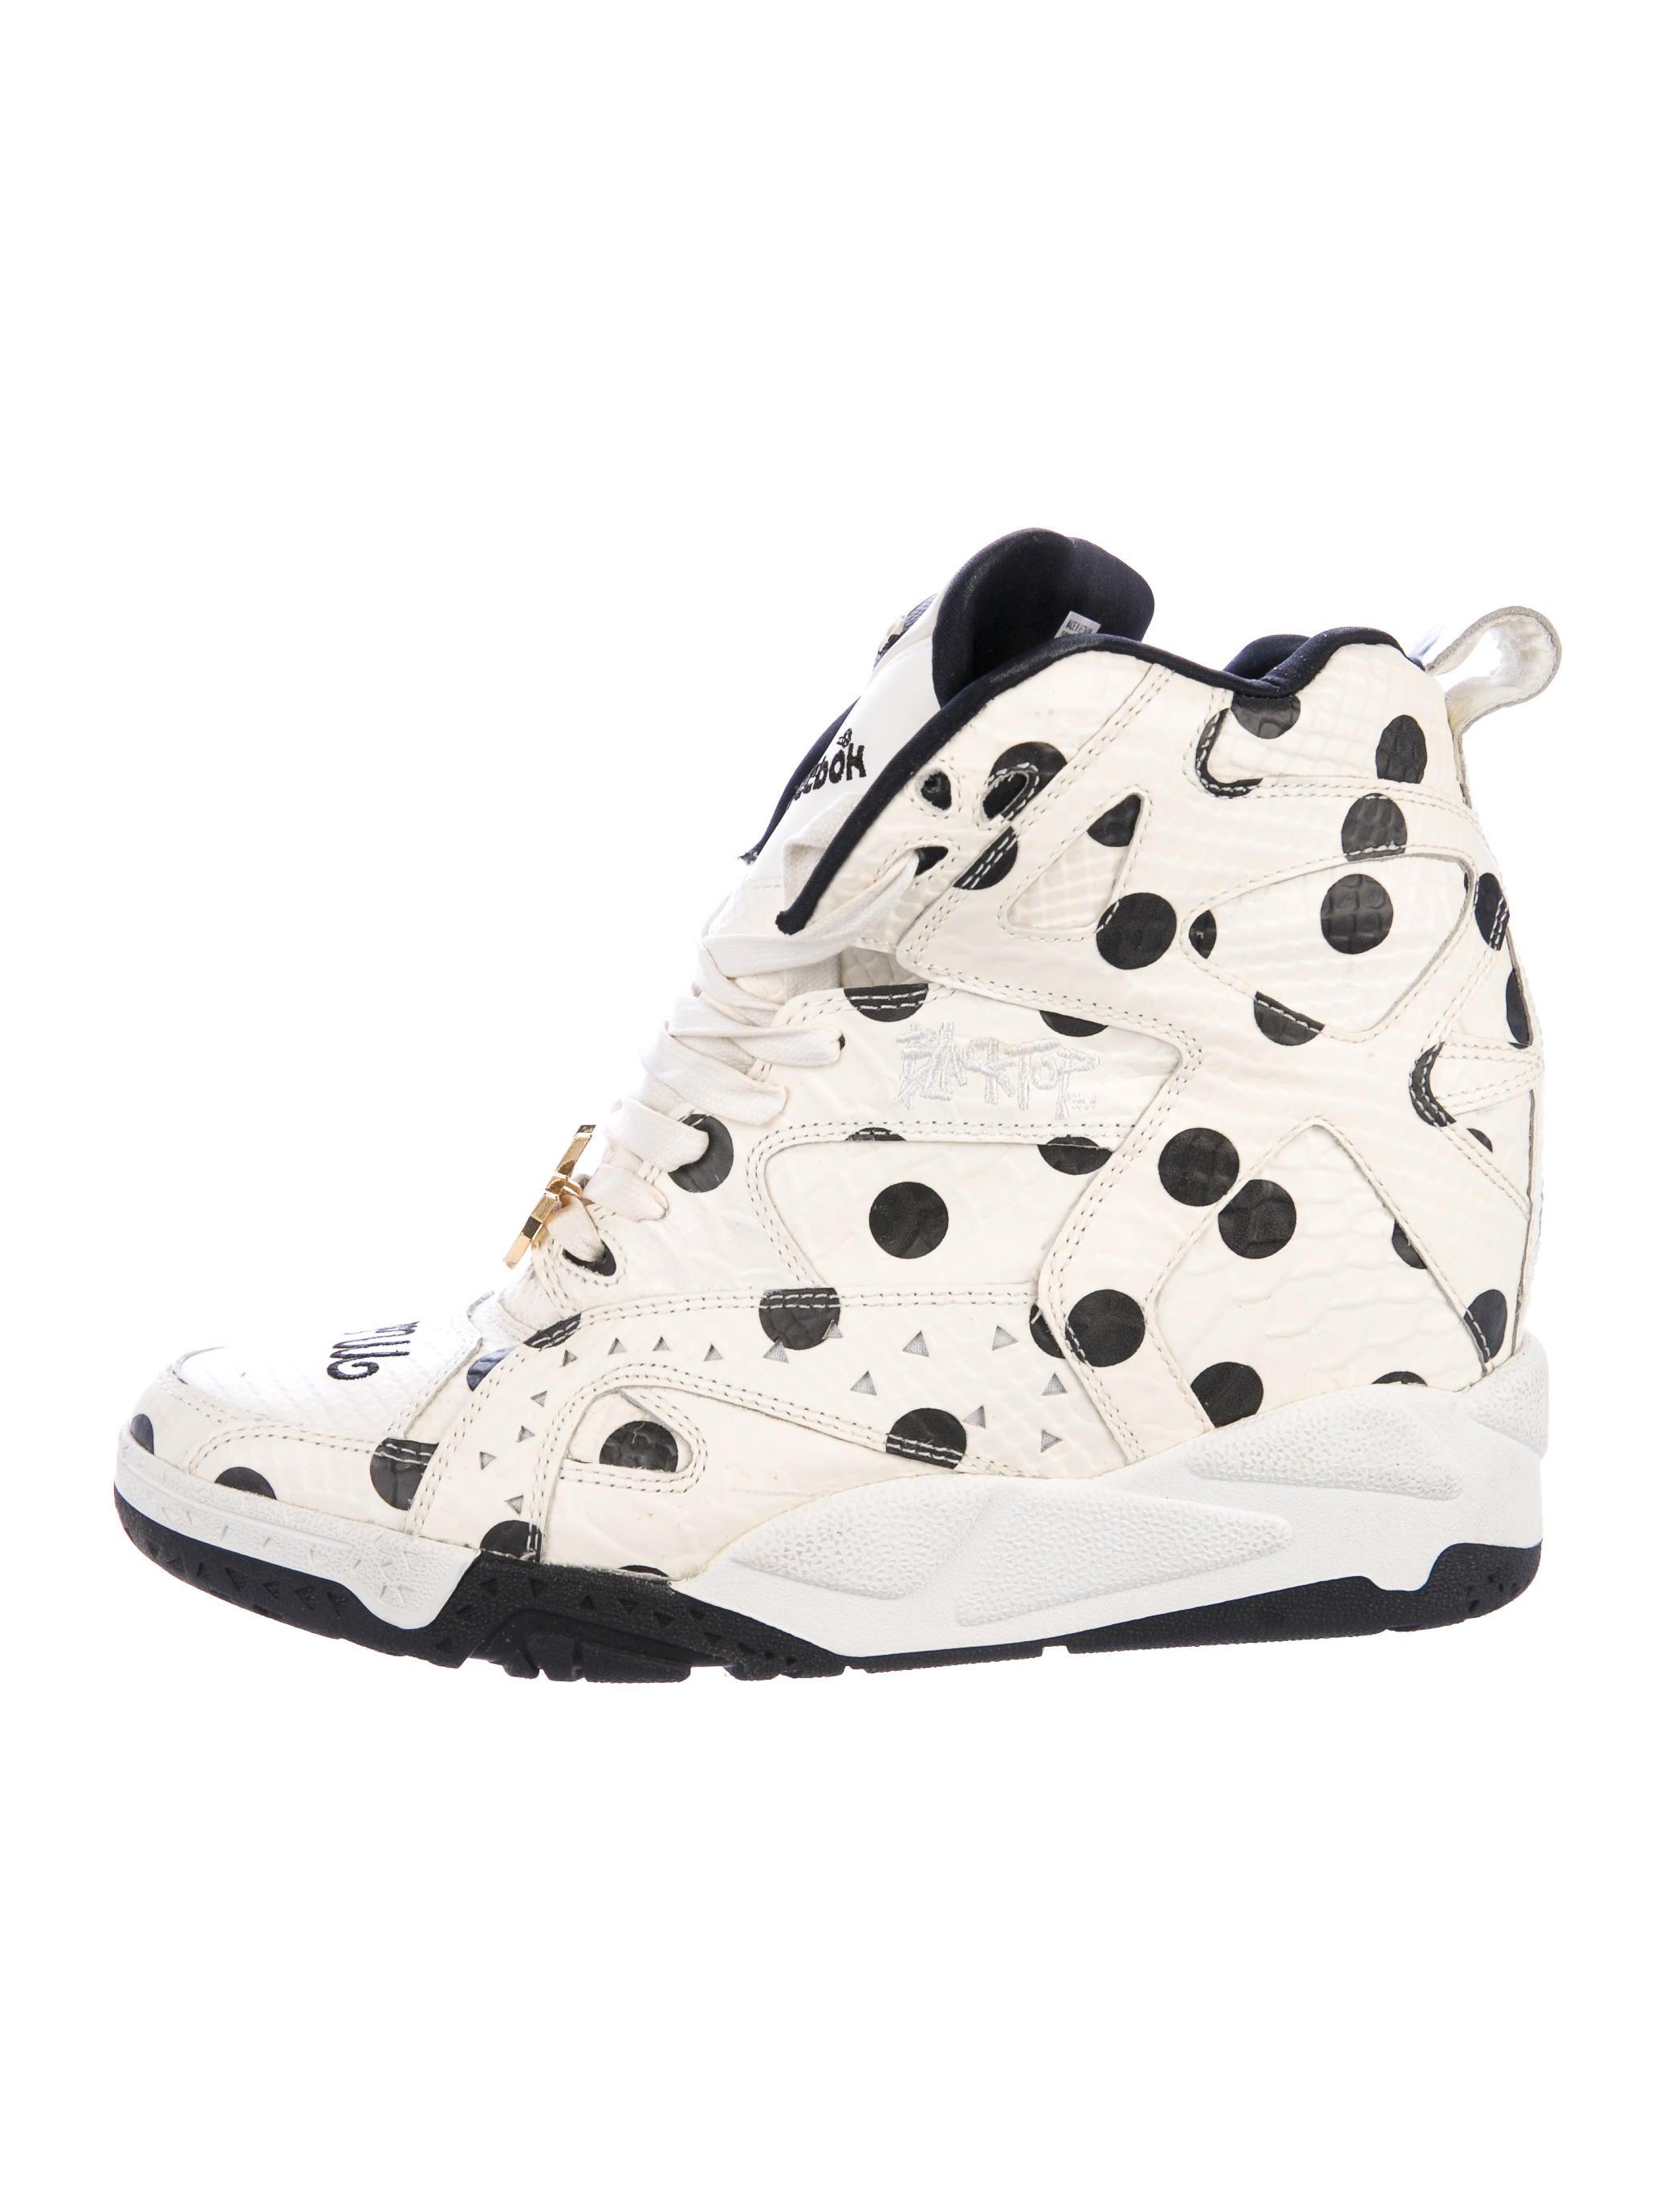 62872b07646e Reebok x Melody Ehsani Blacktop Pump Wedge Sneakers - Shoes ...